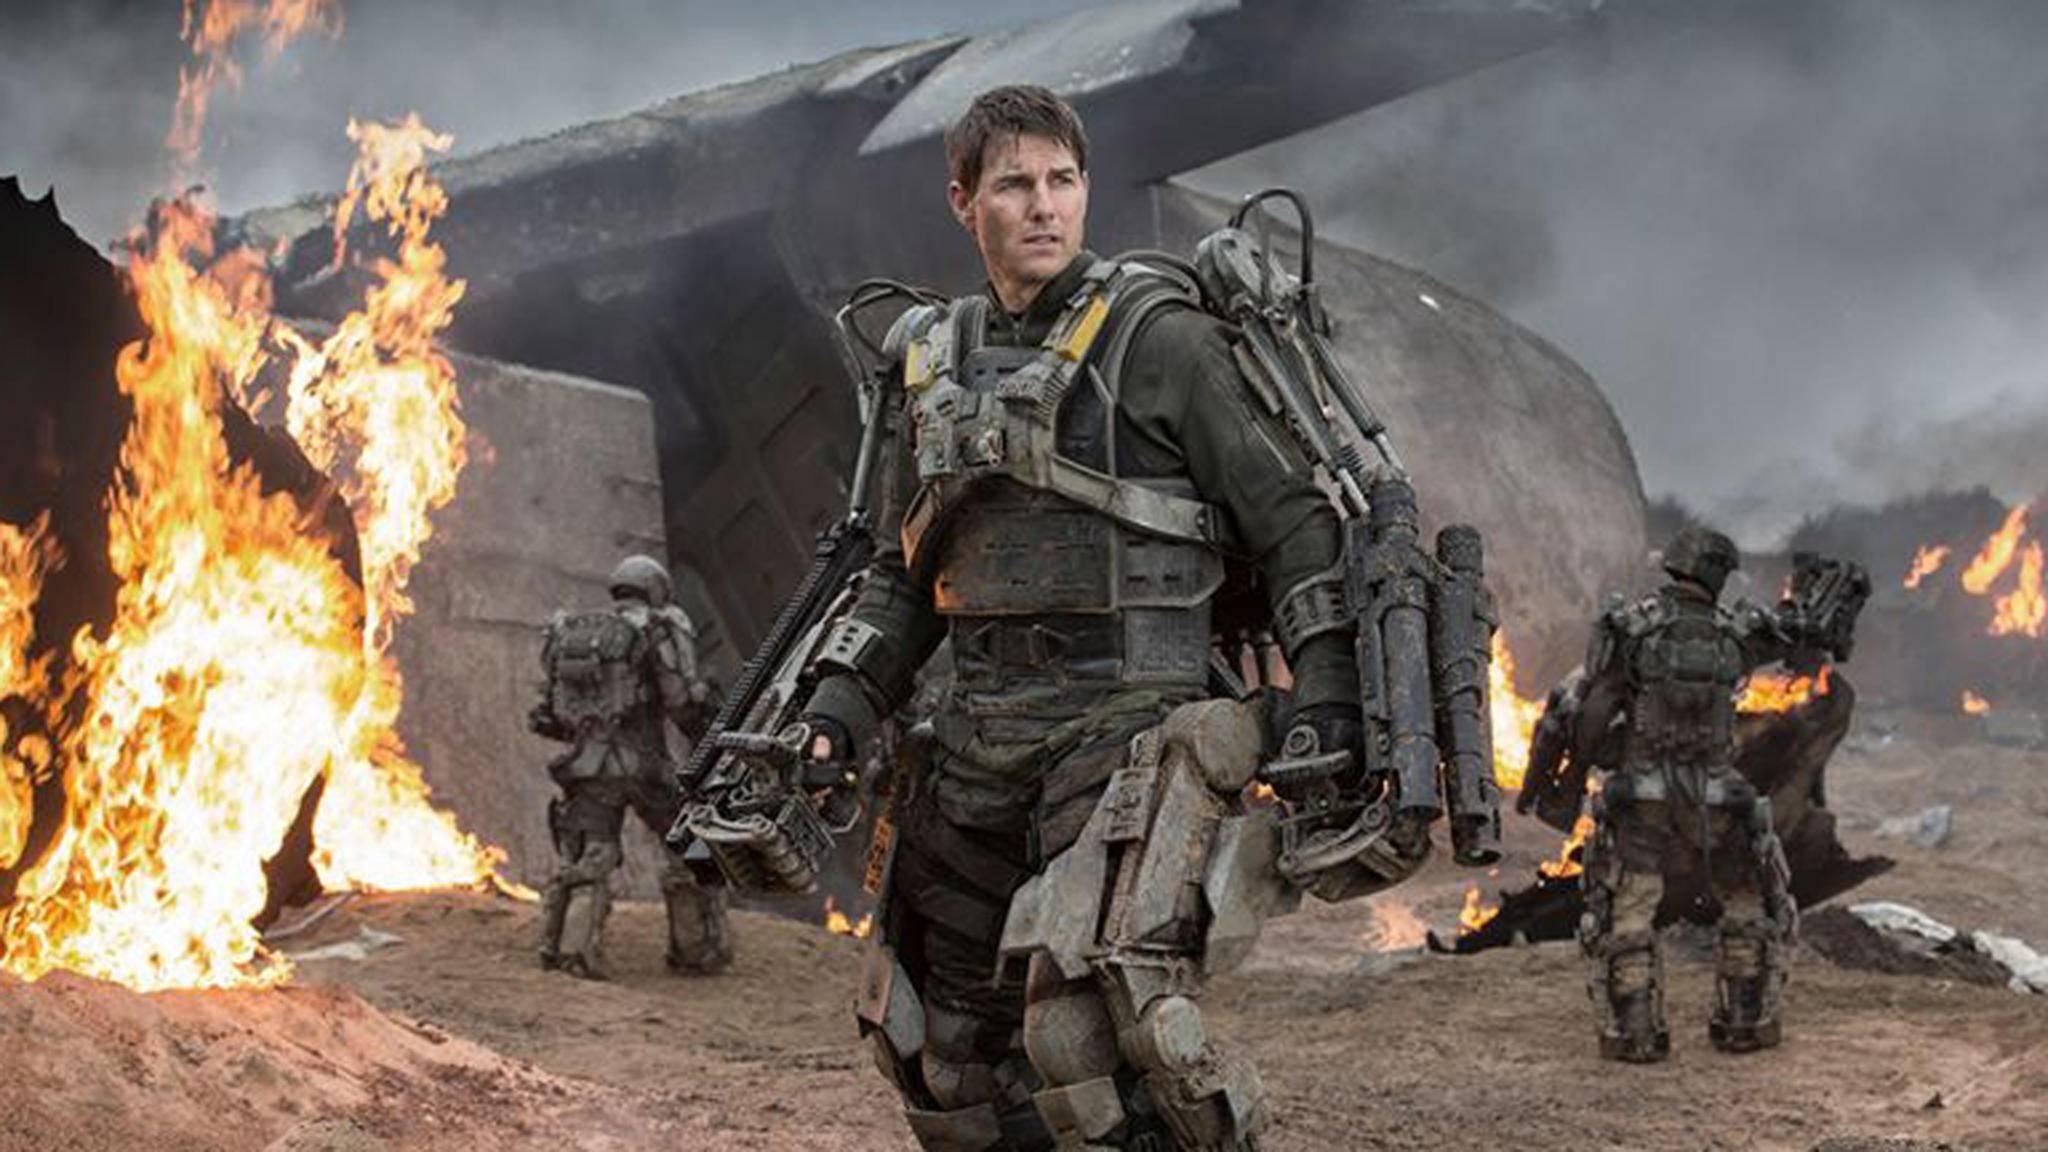 """Wie steht es um das """"Edge of Tomorrow""""-Sequel? Regisseur Doug Liman gibt ein Update."""